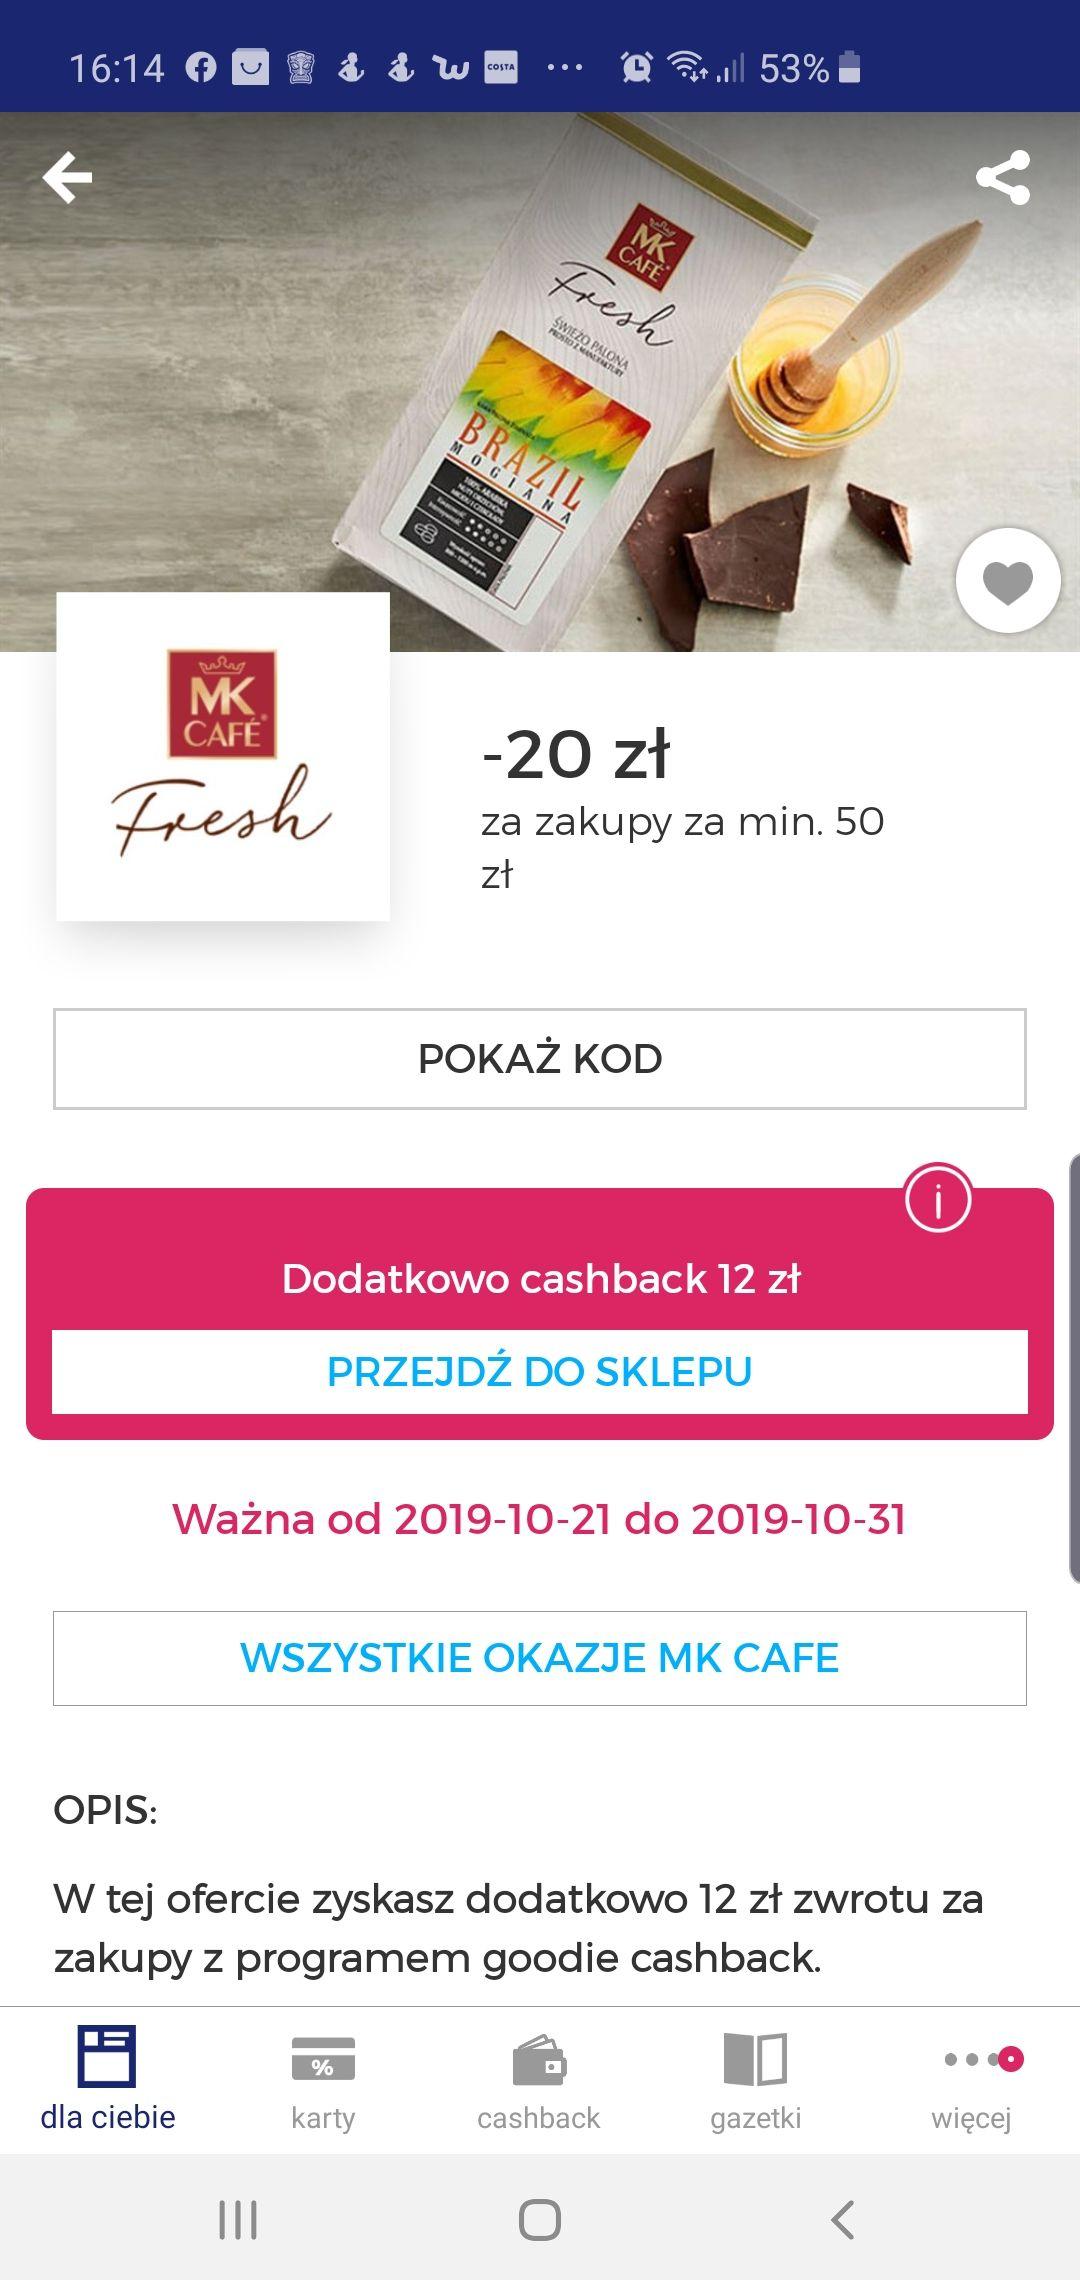 MK Cafe Fresh -20zł + 12zł cashback MWZ 50zł - Goodie